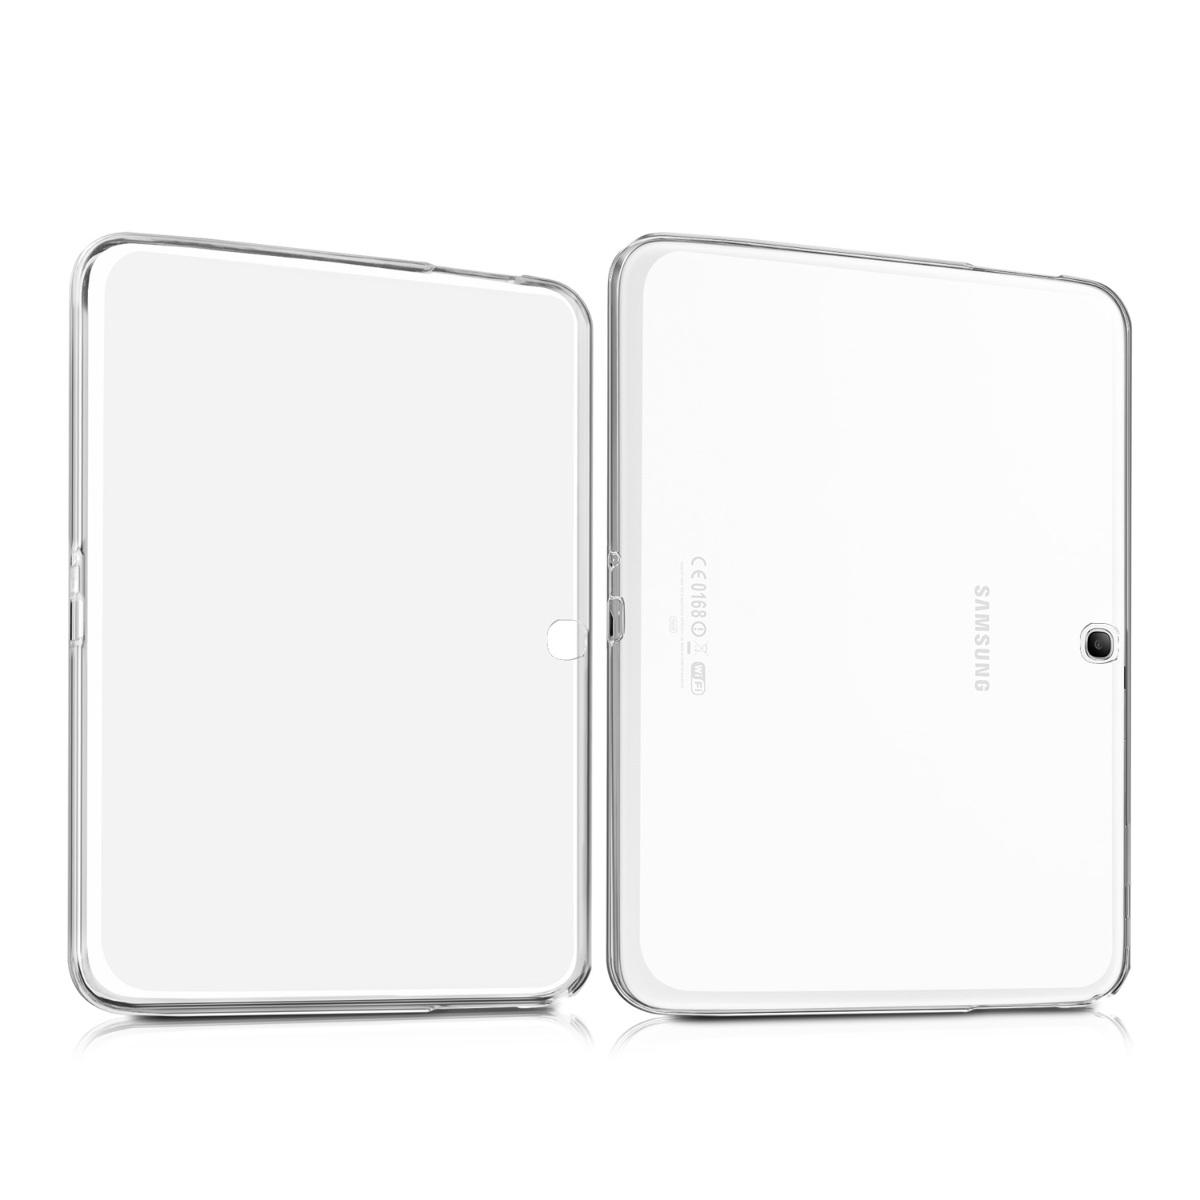 Crystal Case Tpu Silicone For Samsung Galaxy Tab 3 10 1